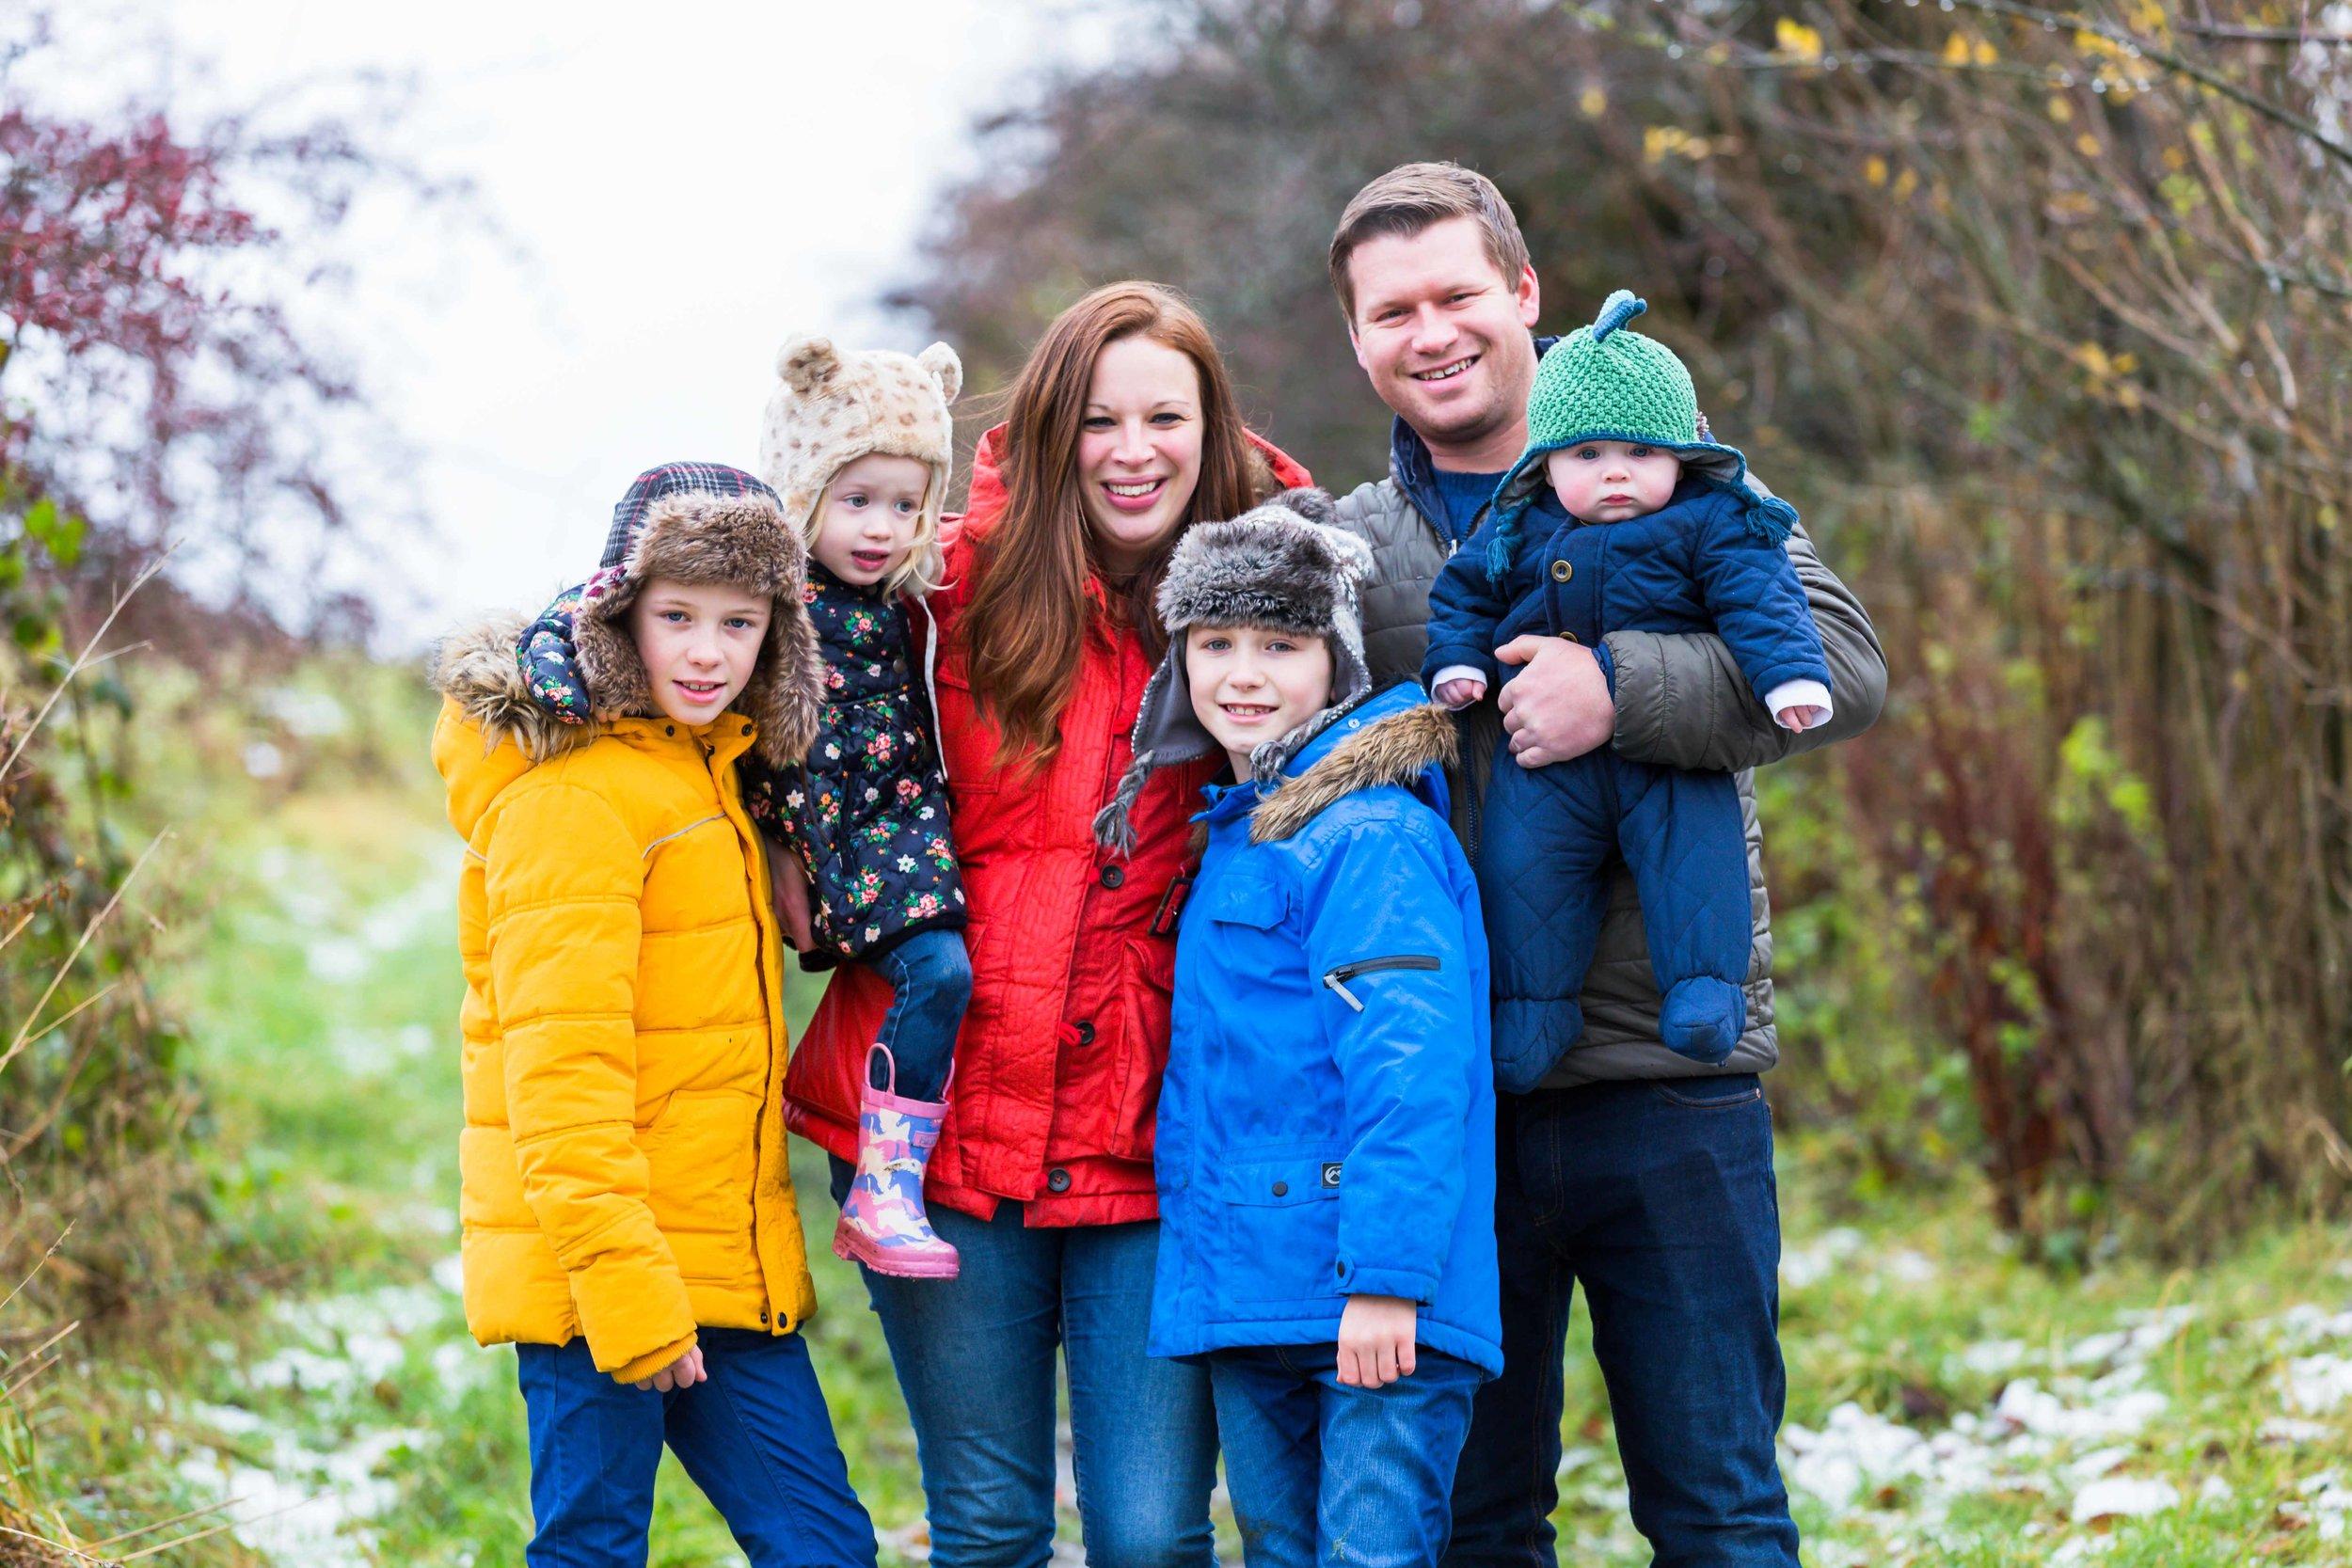 Family-minishoot-Lancashire-photo-0014.jpg